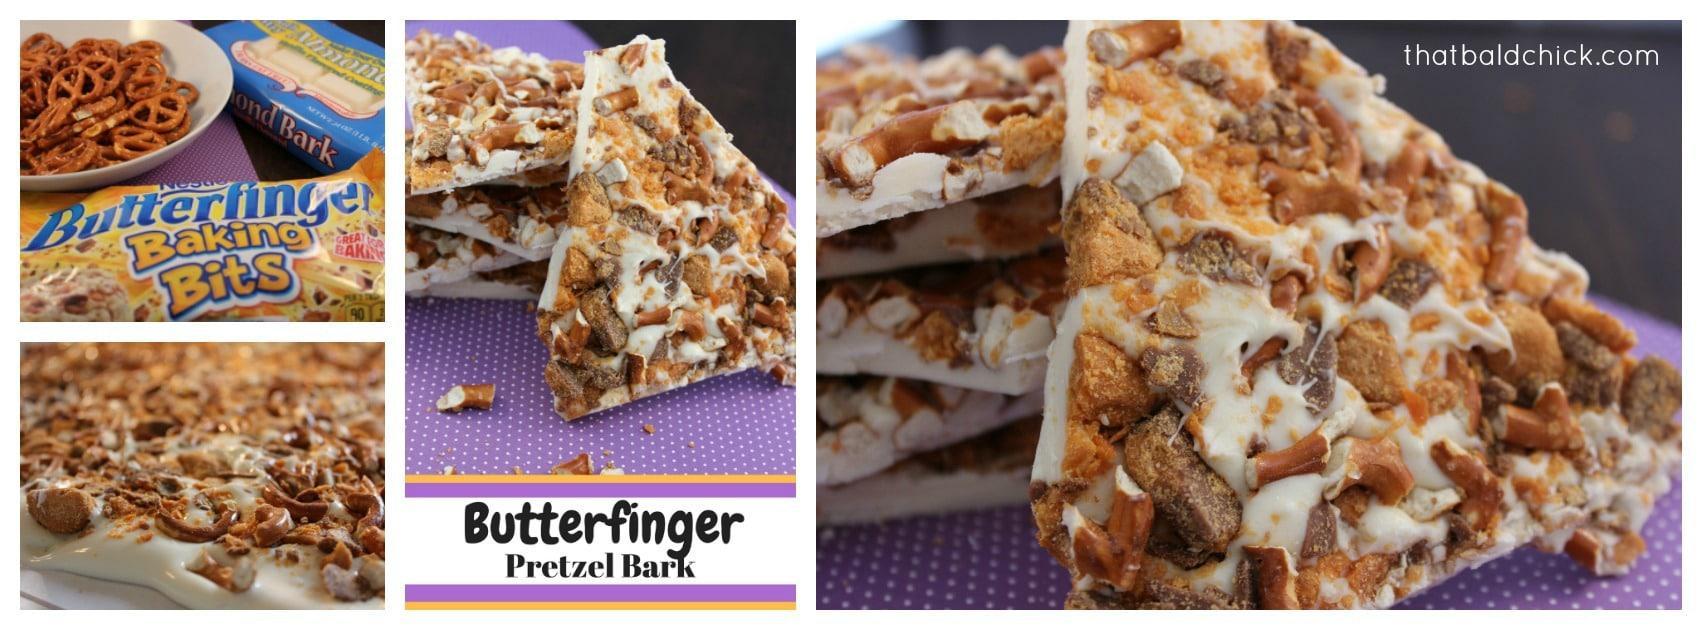 Butterfinger Pretzel Bark at thatbaldchick.com